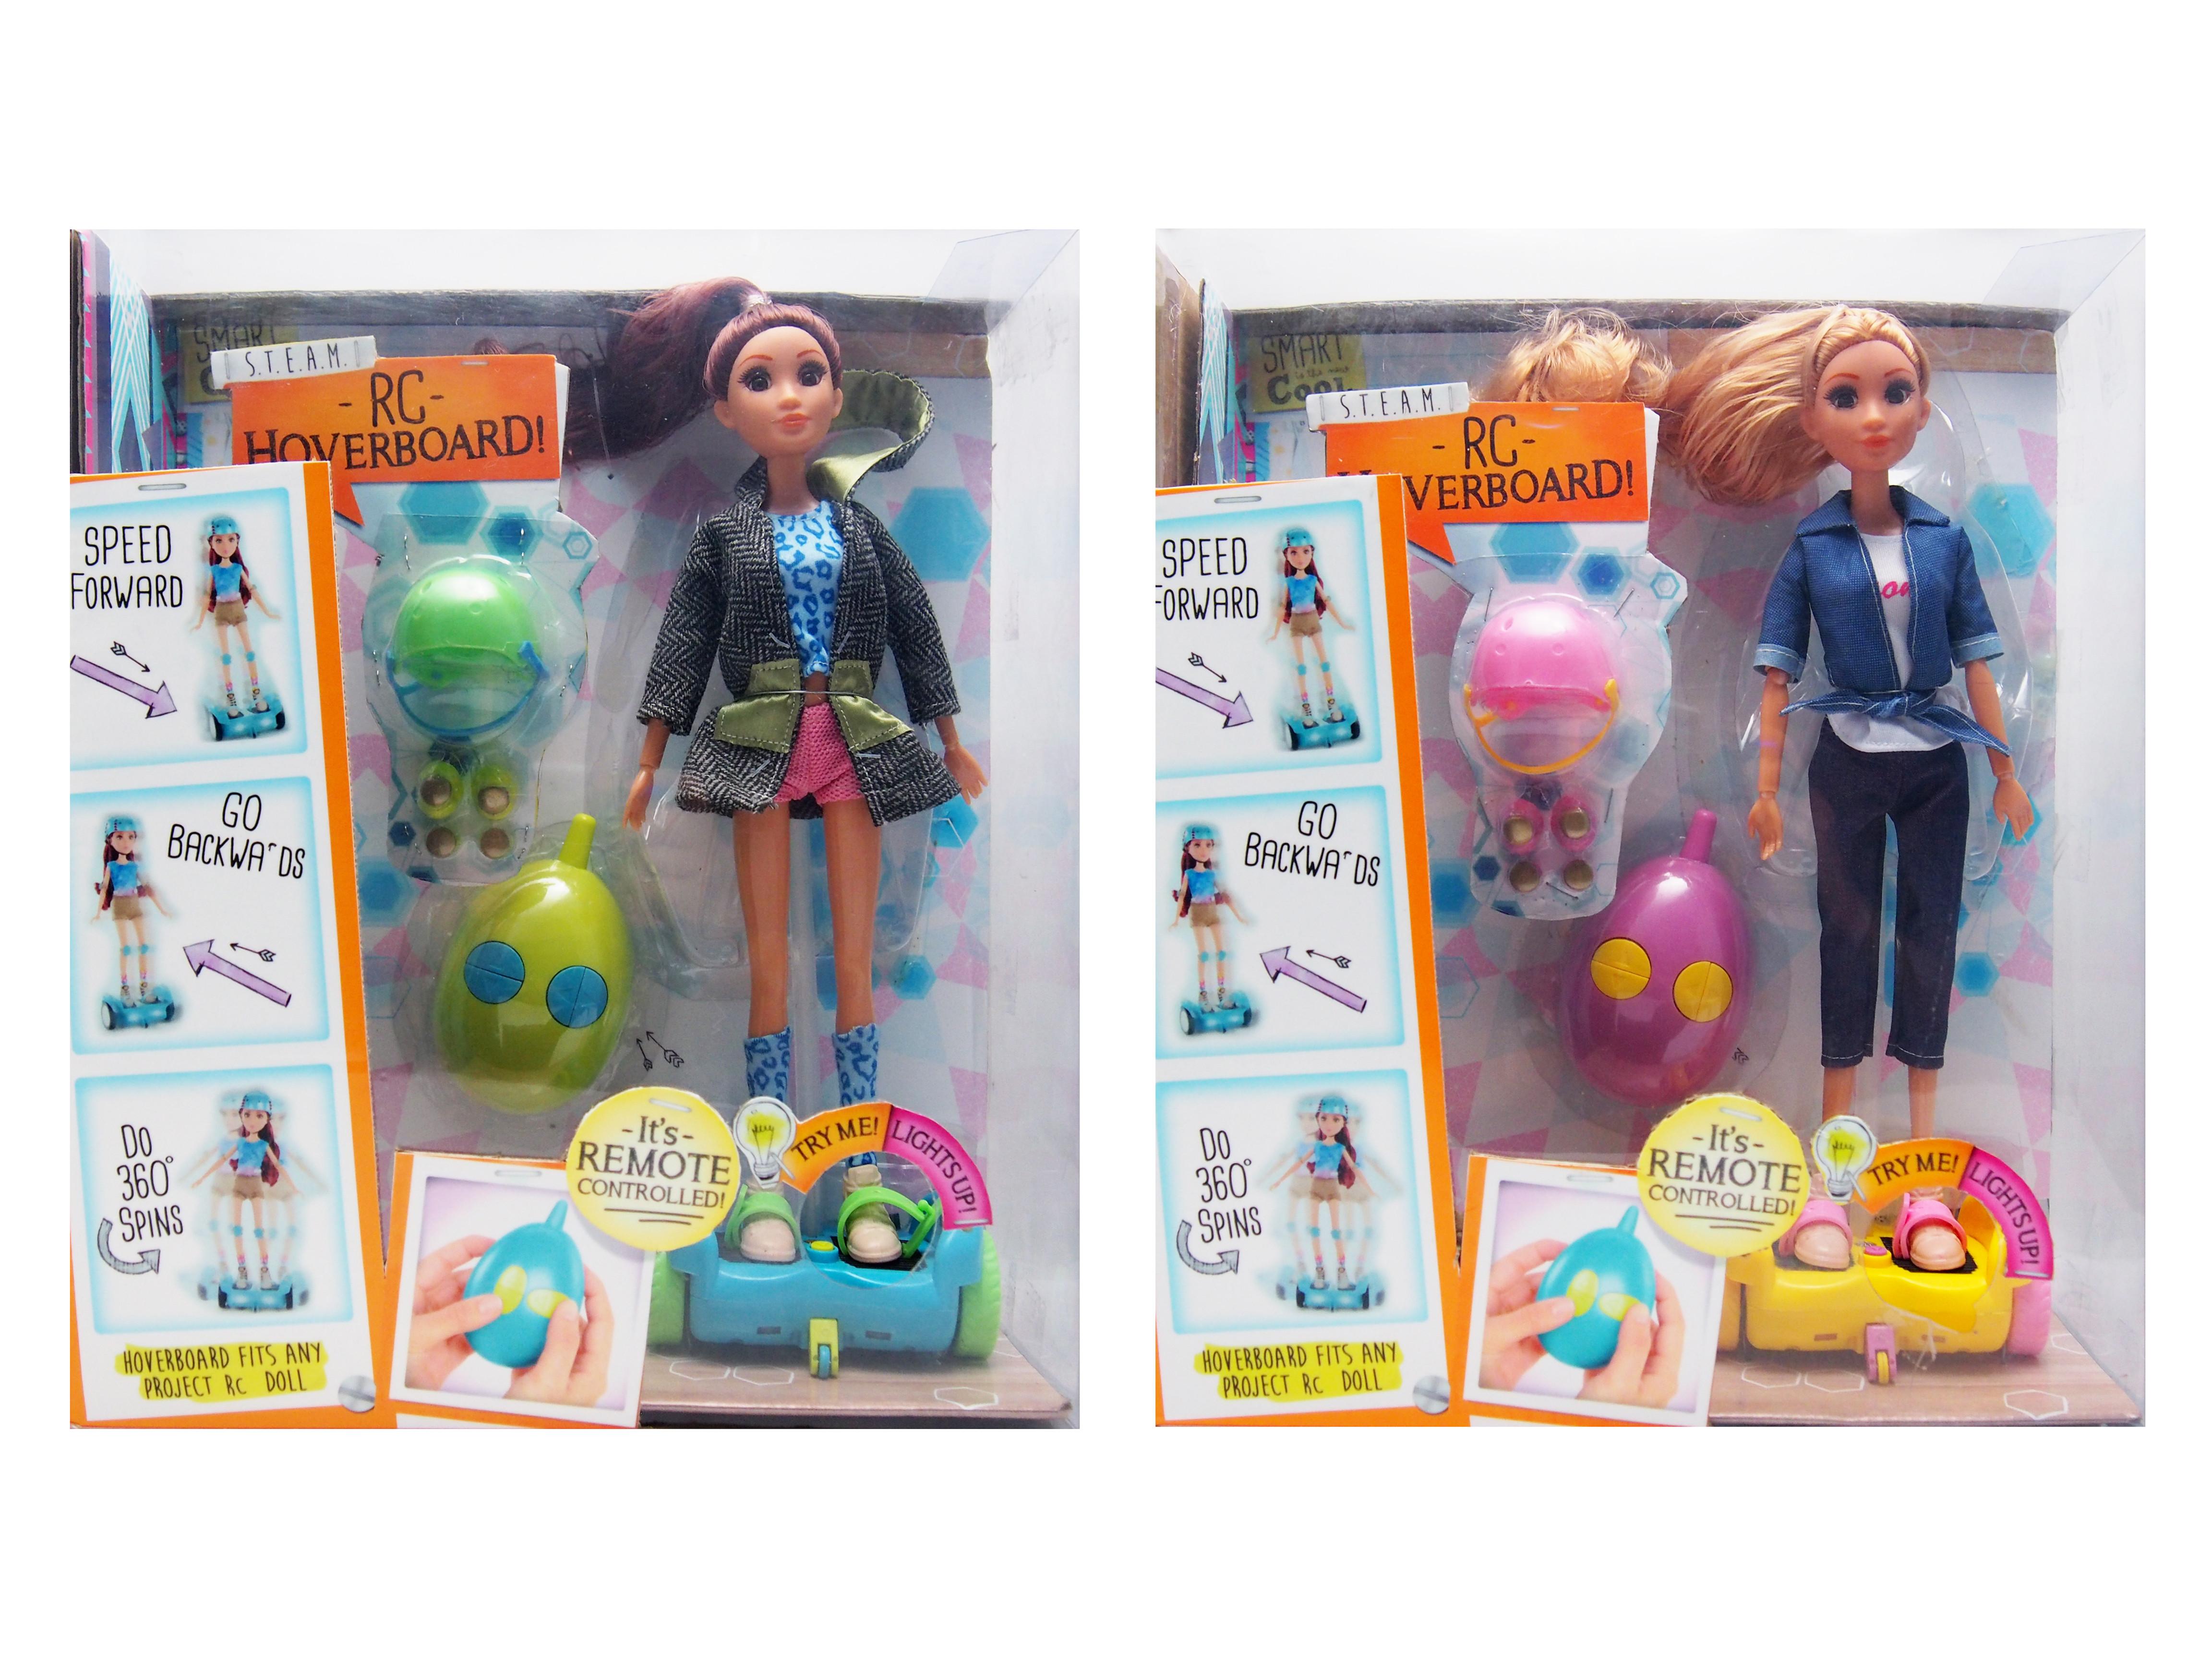 Другие куклы S.T.E.A.M. Кукла S.T.E.A.M. с аксессуарами куклы и одежда для кукол defa кукла с аксессуарами 28 см